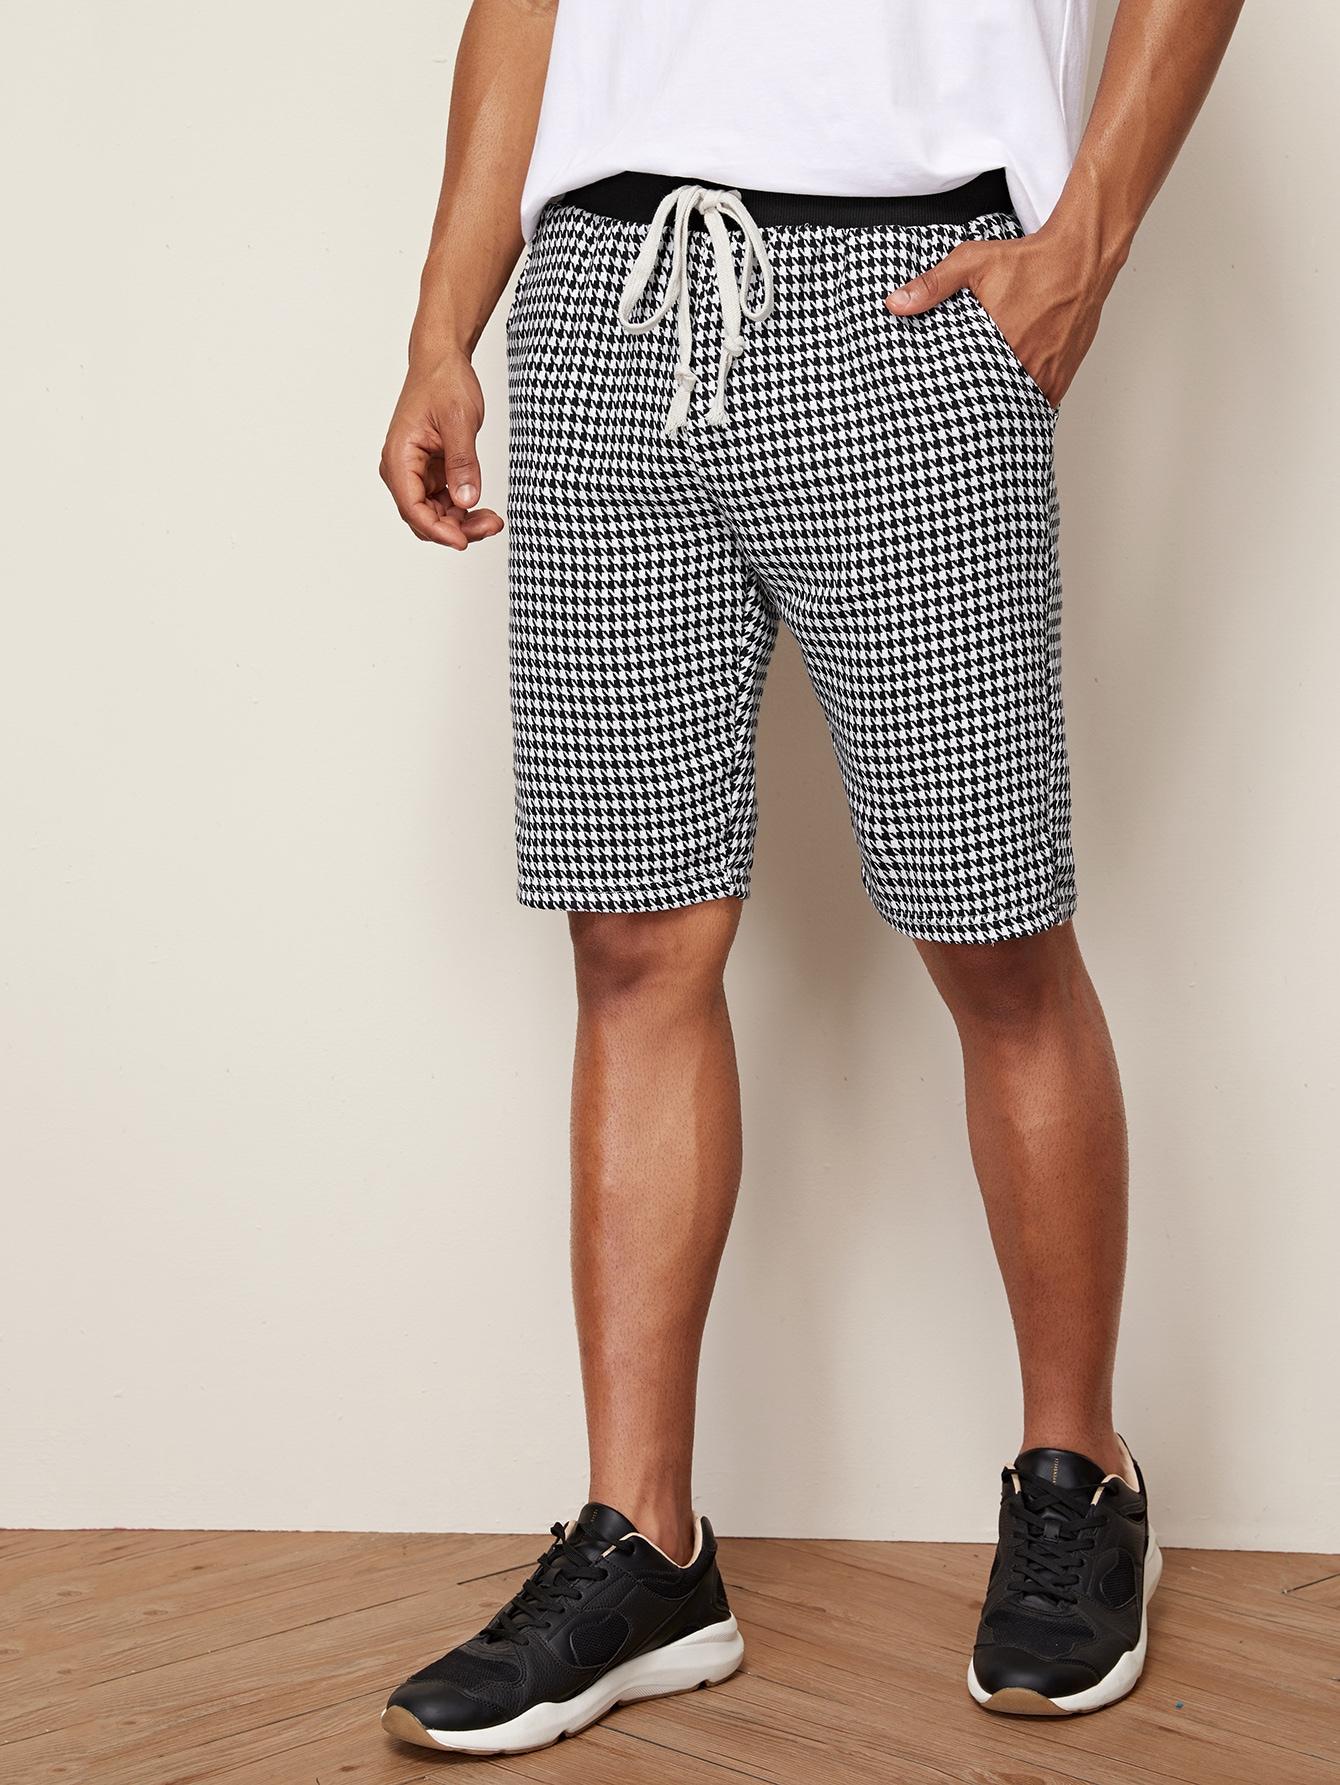 Фото - Мужские шорты с поясом и графическим принтом от SheIn цвет чёрнобелые